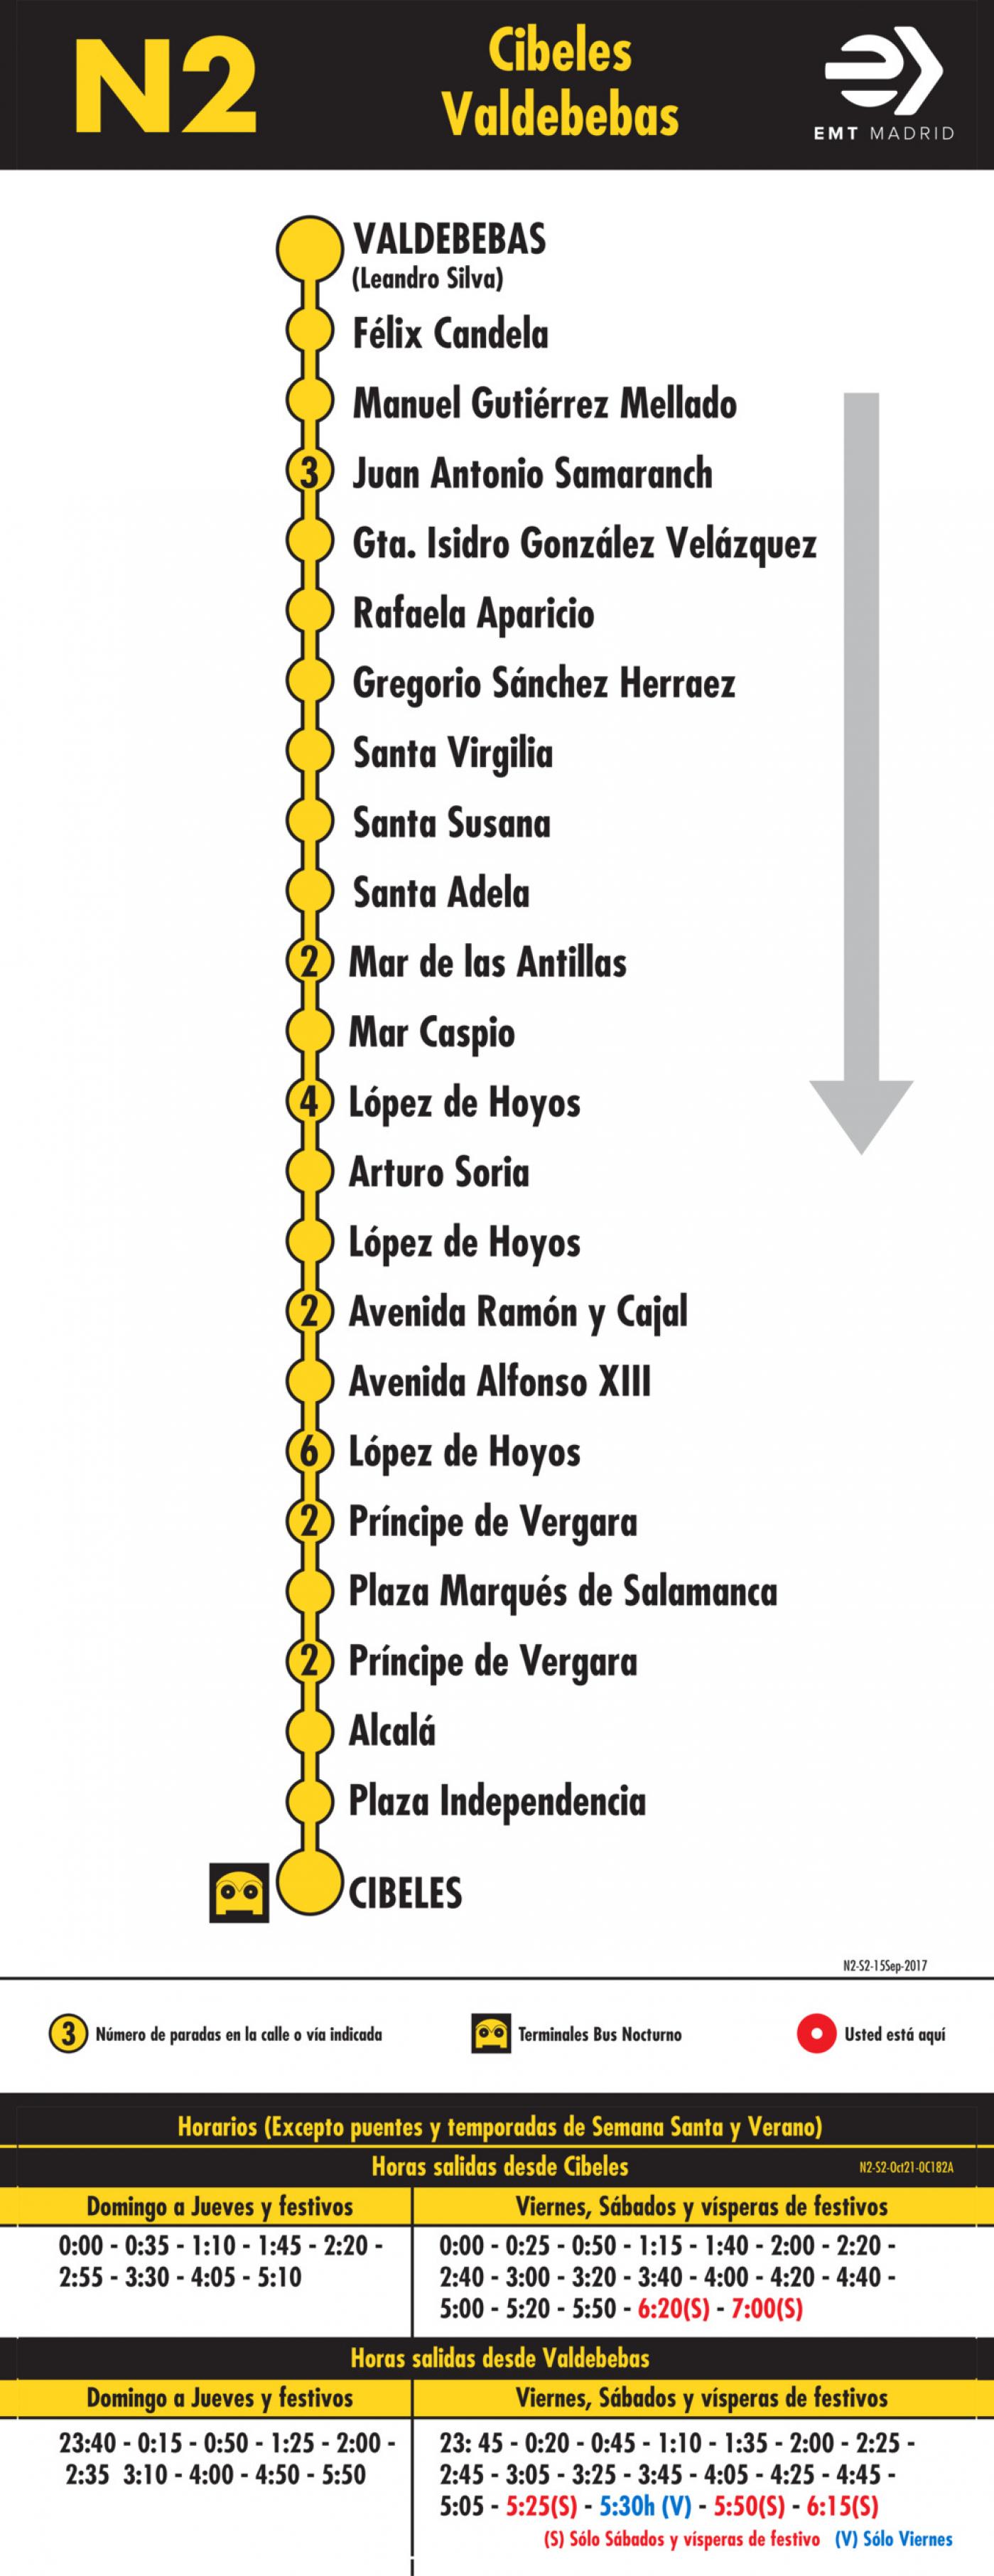 Tabla de horarios y frecuencias de paso en sentido vuelta Línea N2: Plaza de Cibeles - Hortaleza (búho)